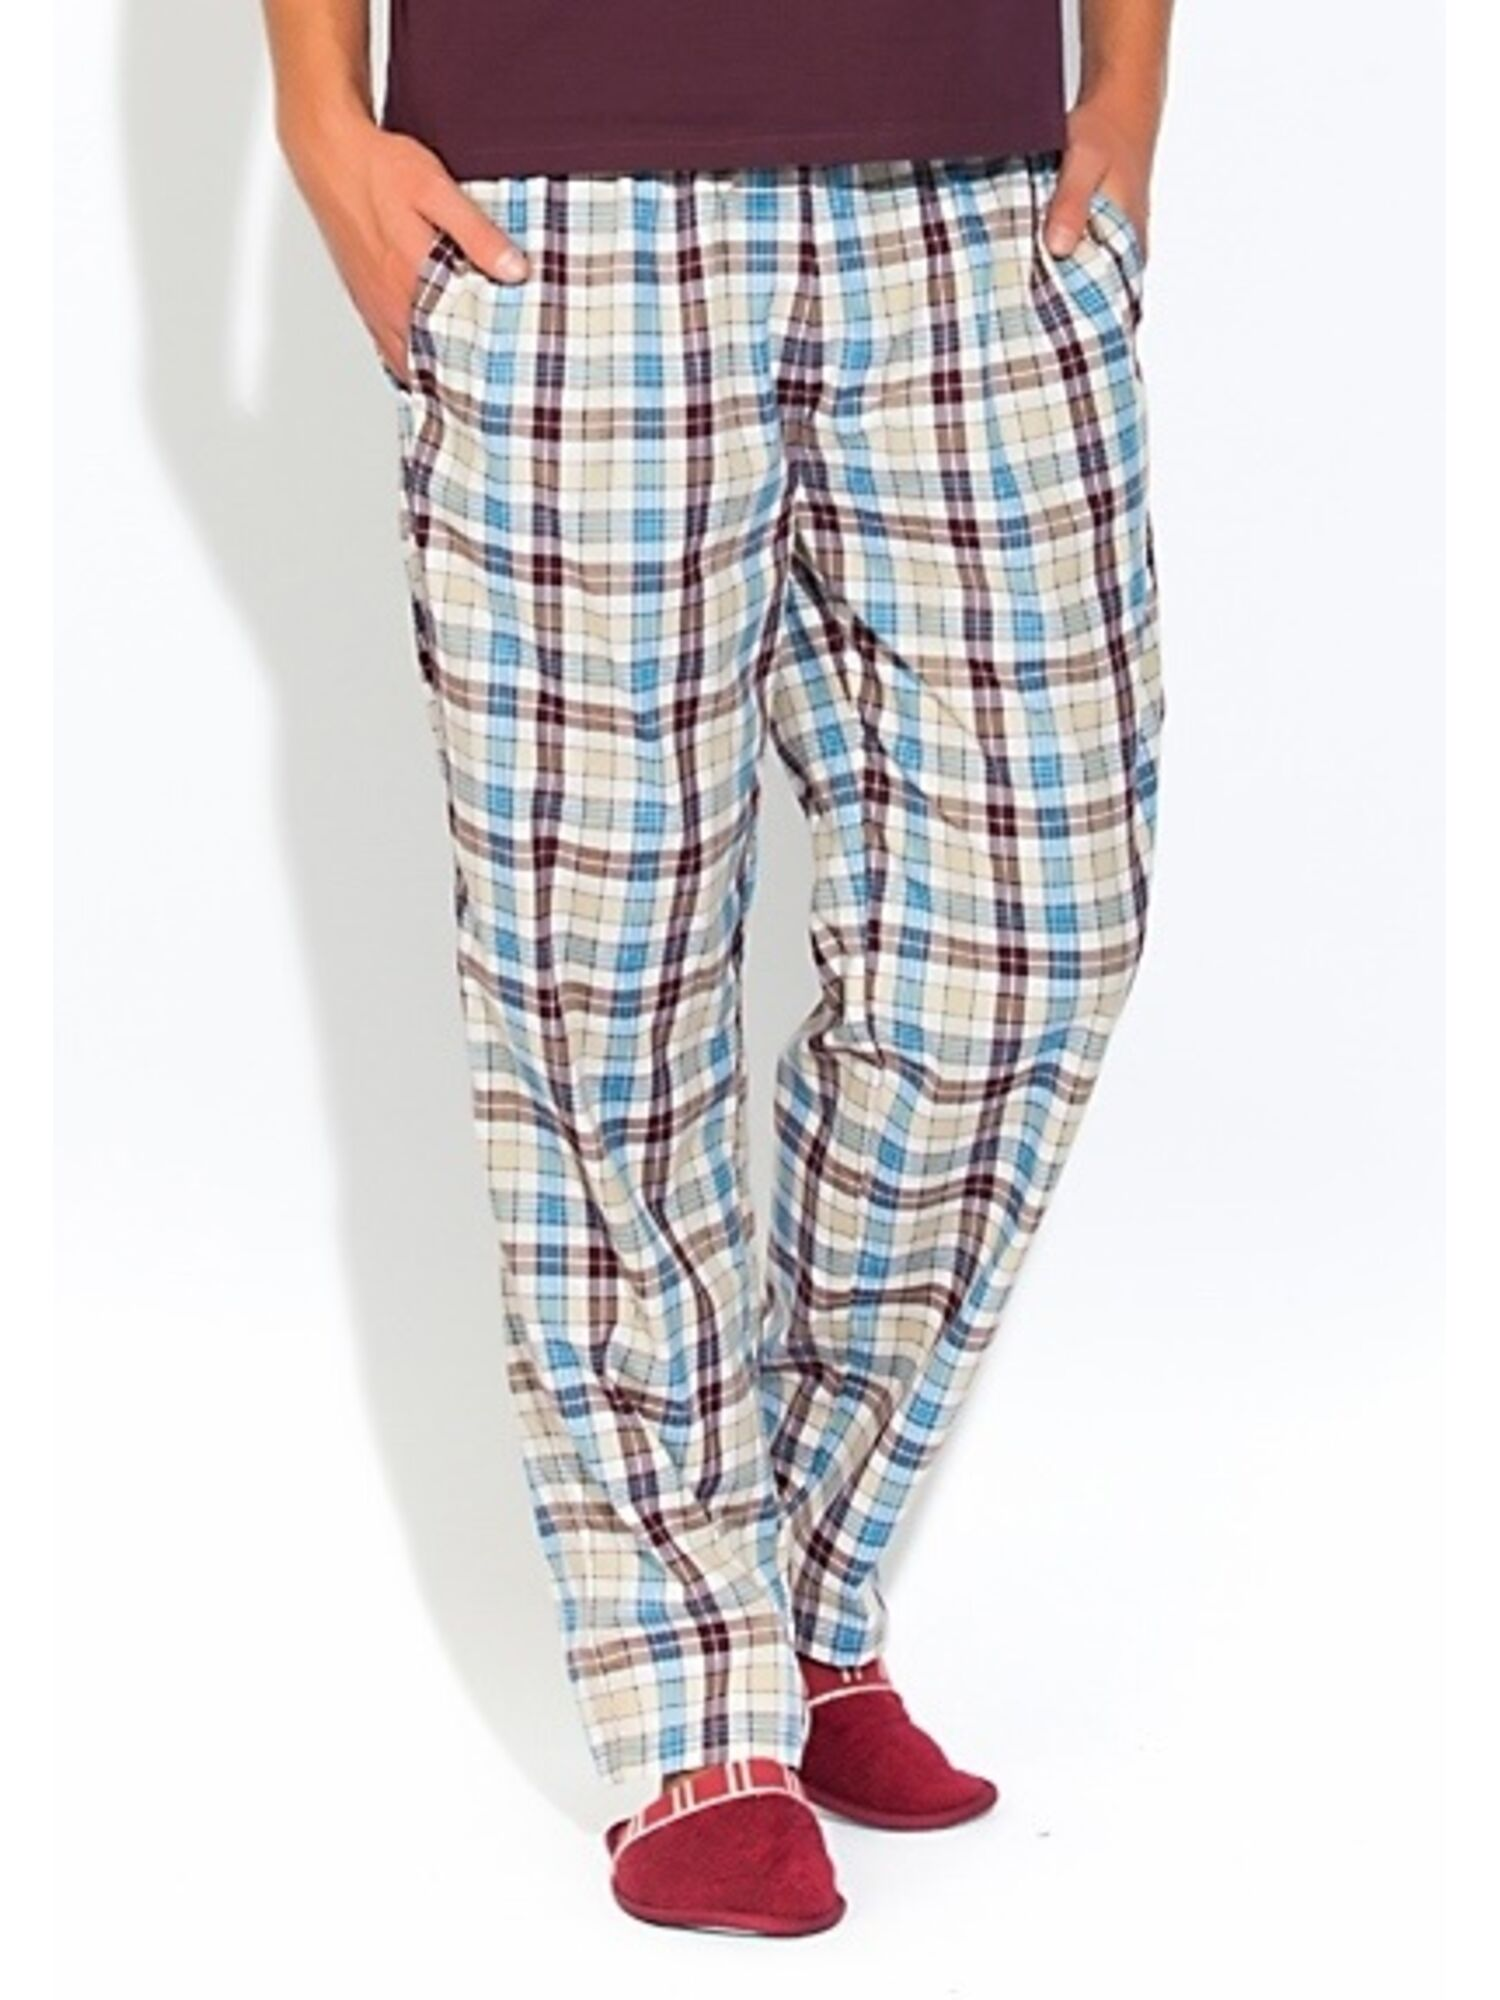 Мужские хлопковые брюки 002 VIKING 2140/3 комбинированная клетка, Peche Monnaie (Россия)